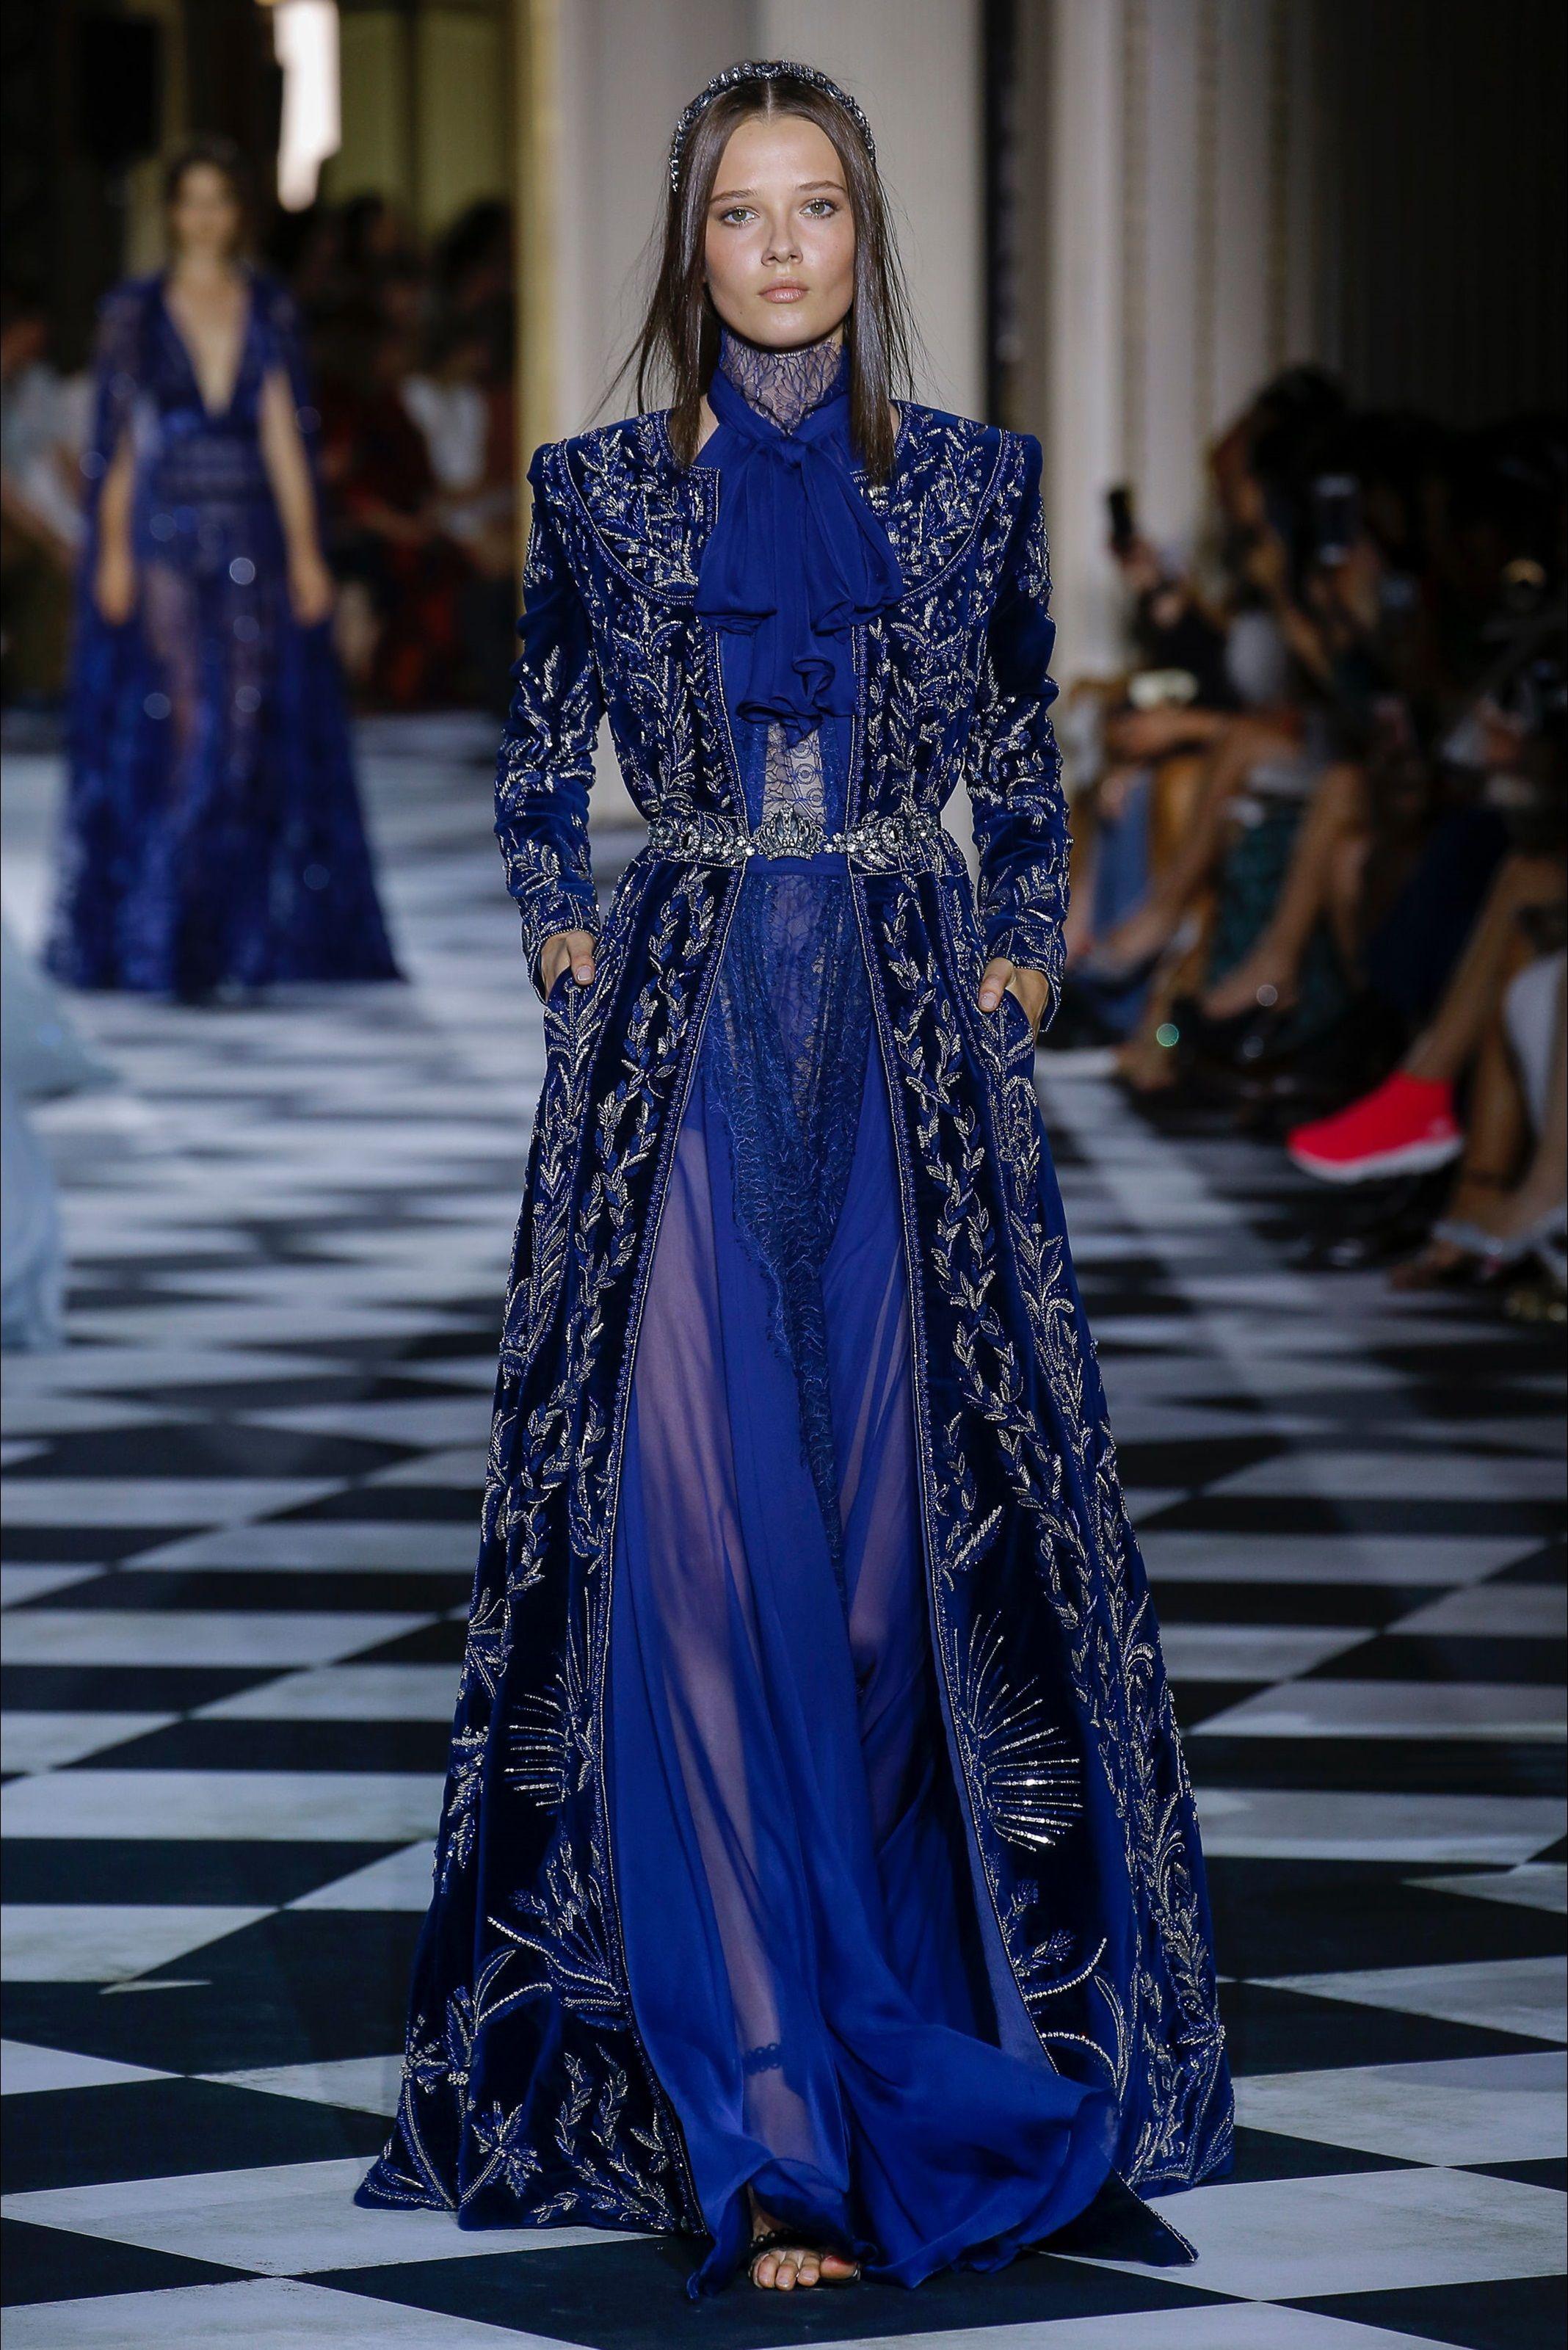 f12fec6bae75 Sfilata Zuhair Murad Parigi - Alta Moda Autunno-Inverno 2018-19 - Vogue